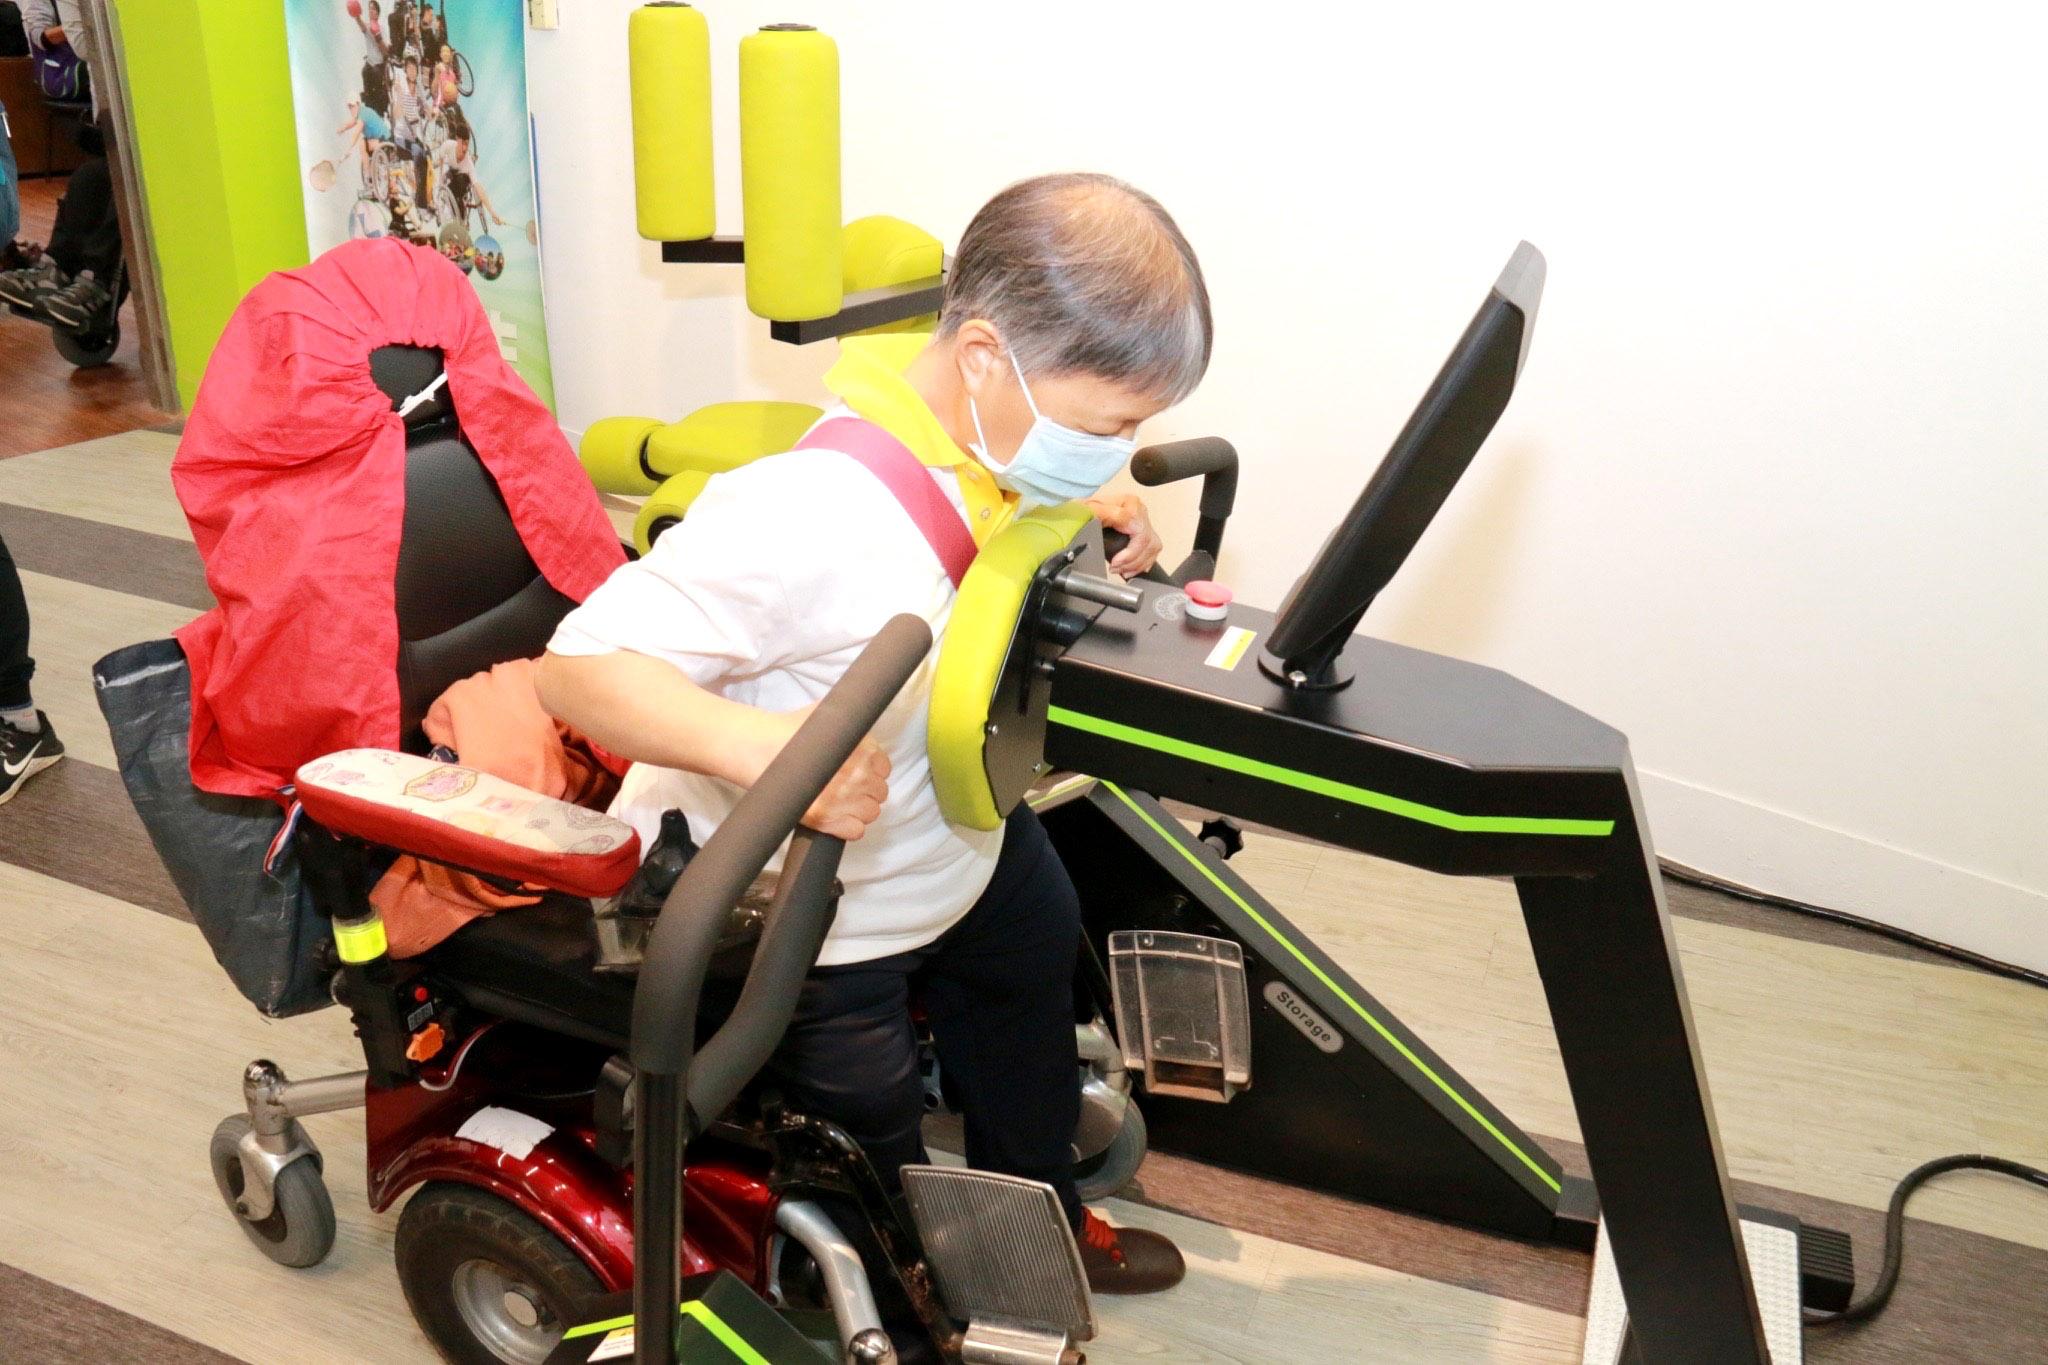 銀髮族也能使用氣動式油壓室內運動器材,適度挑戰自己的體能。